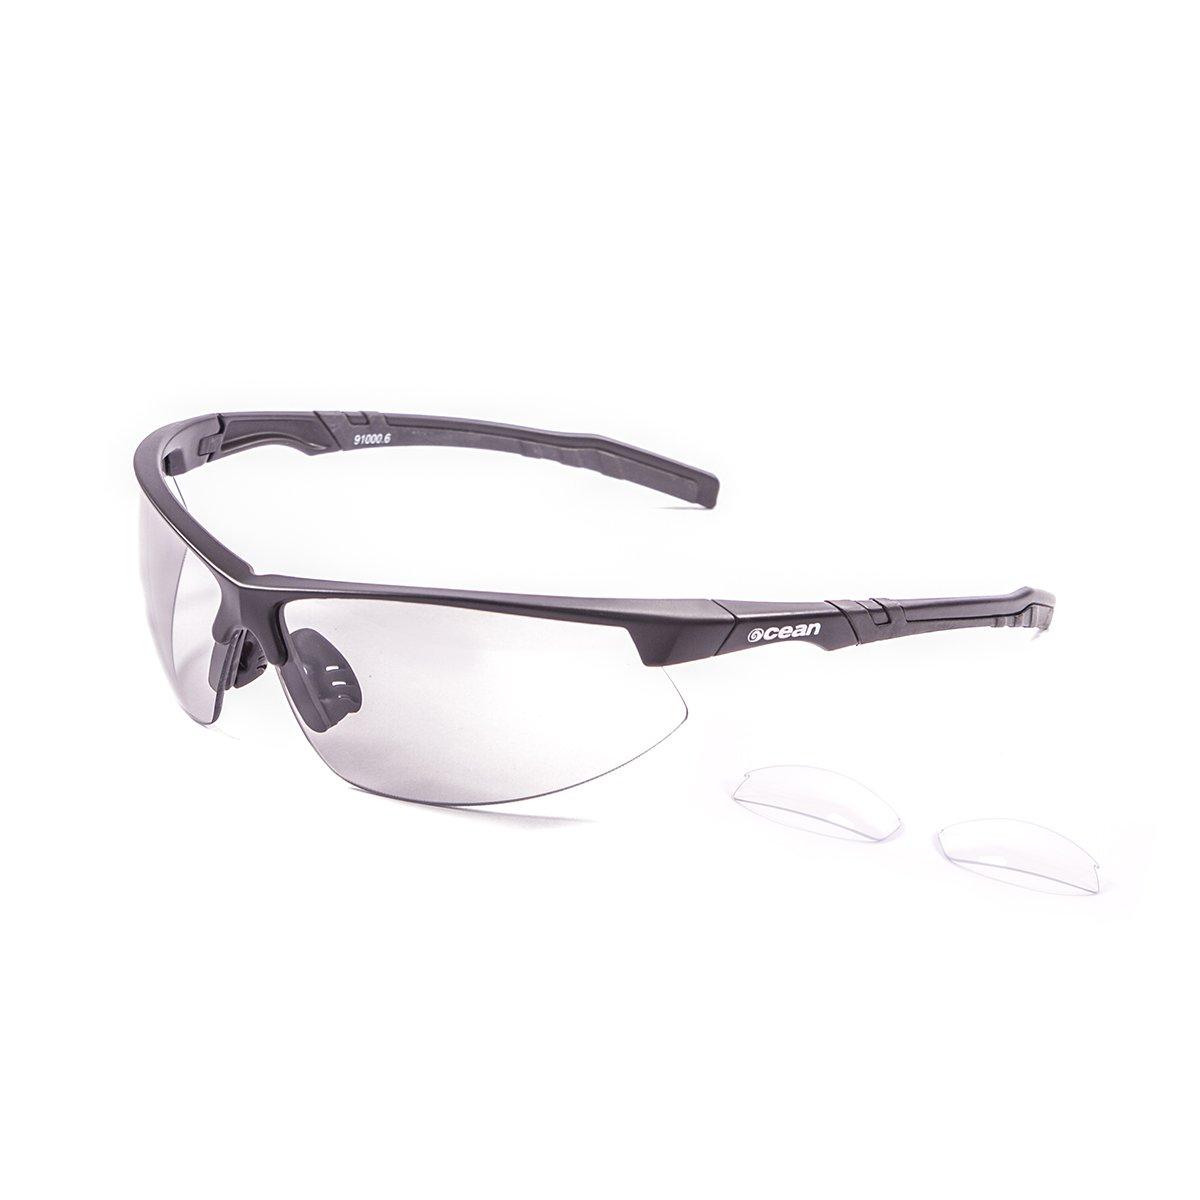 9a5aabd5d7 Ocean Sunglasses Lanzarote - Gafas de Sol- Montura : Negro Mate - Lentes :  Fotocromáticas (91000.6): Amazon.es: Deportes y aire libre